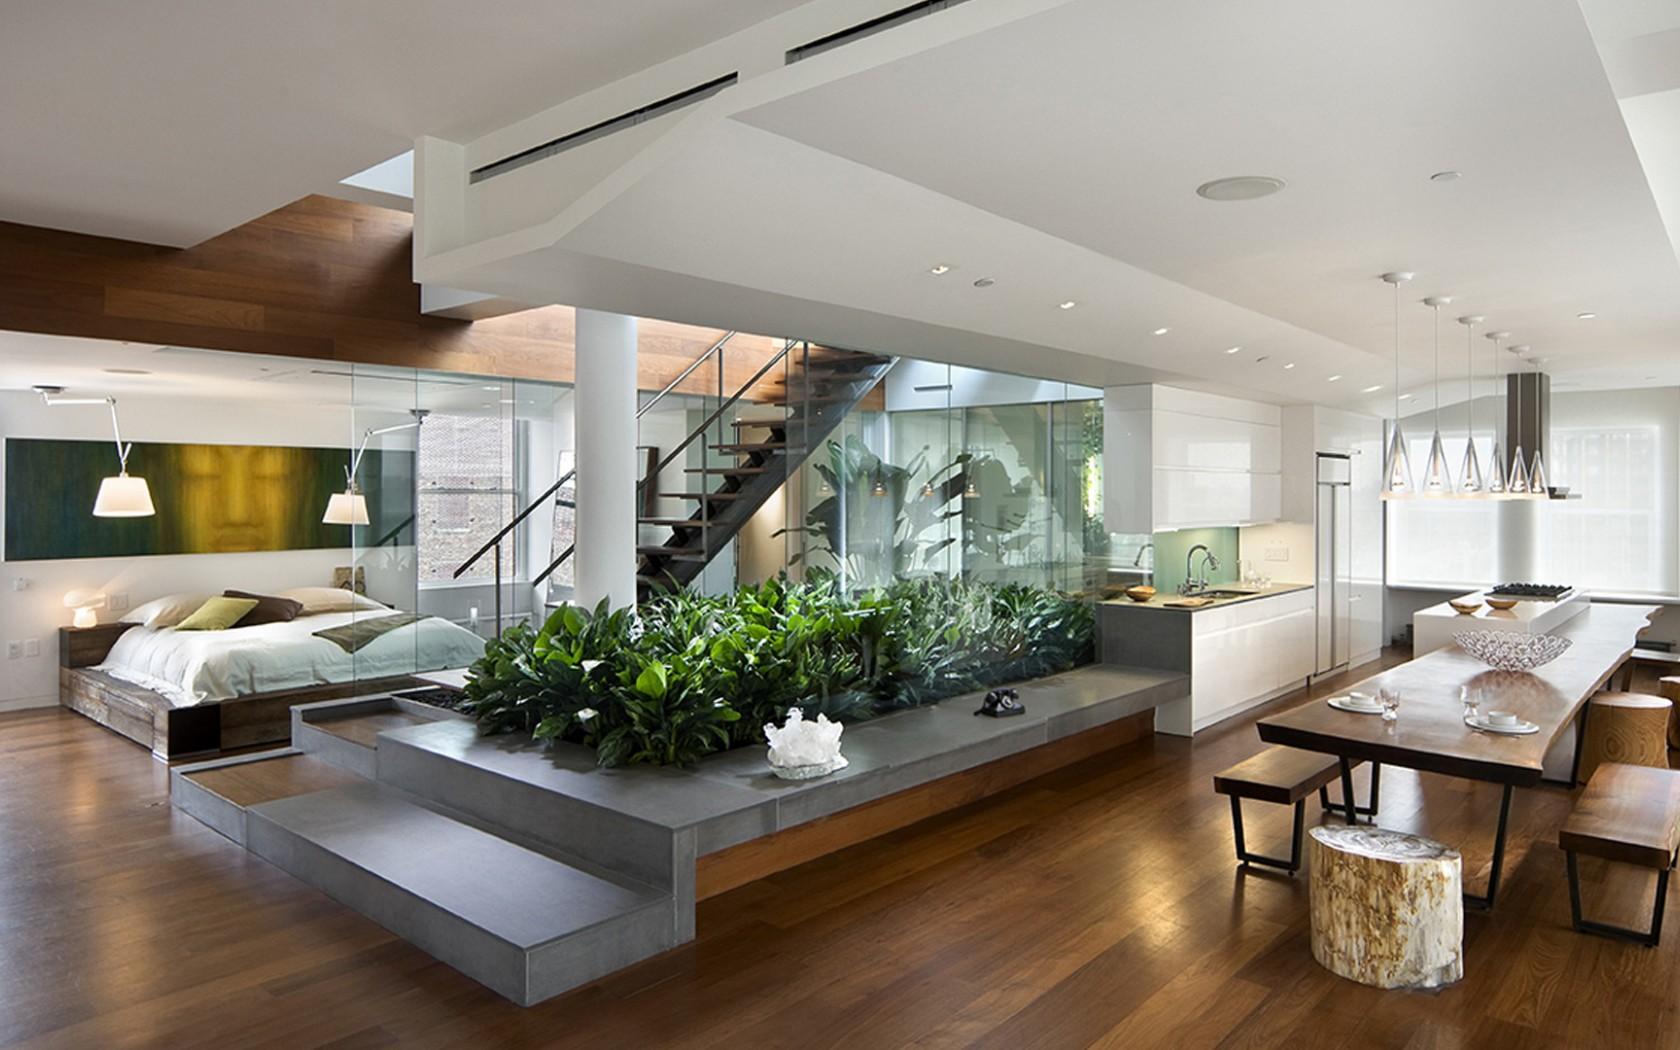 lejlighed-interiør-design-moderne-køkken-stue-hjemmelavede friske-lys-minimalistiske-planter